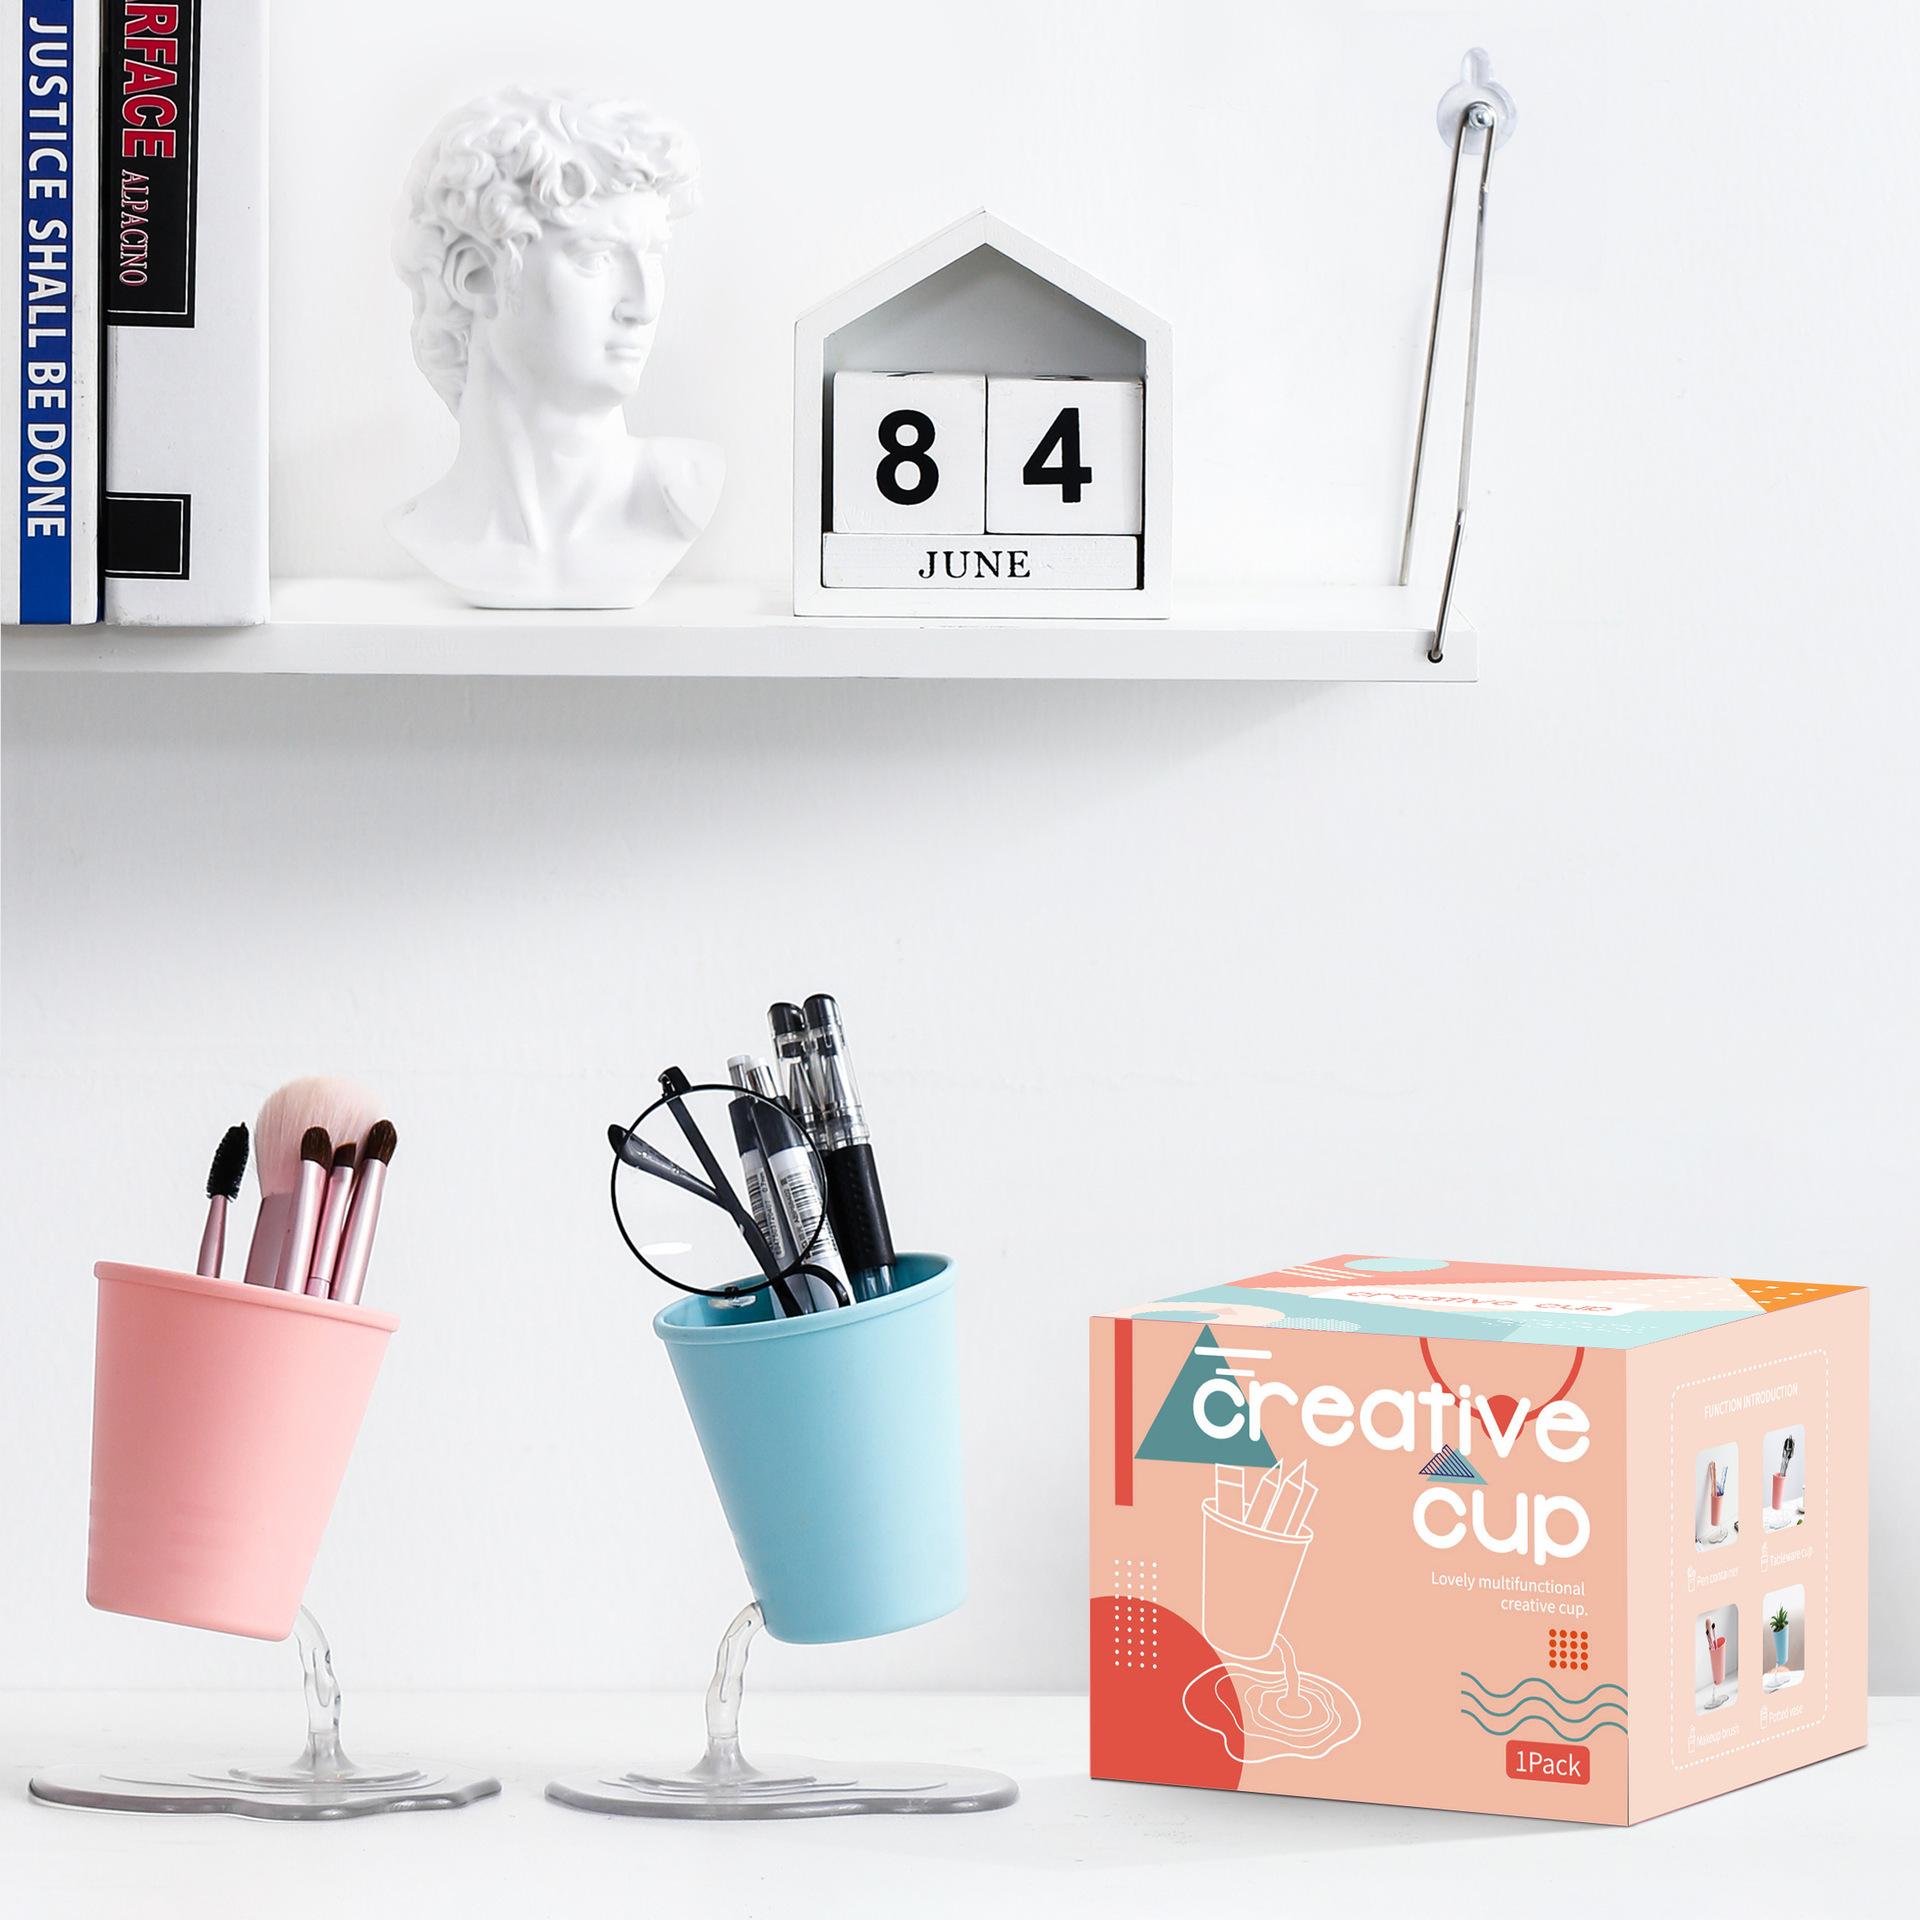 厂家直销创意悬浮漏水笔筒多功能桌面化妆品收纳餐具收纳一件代发